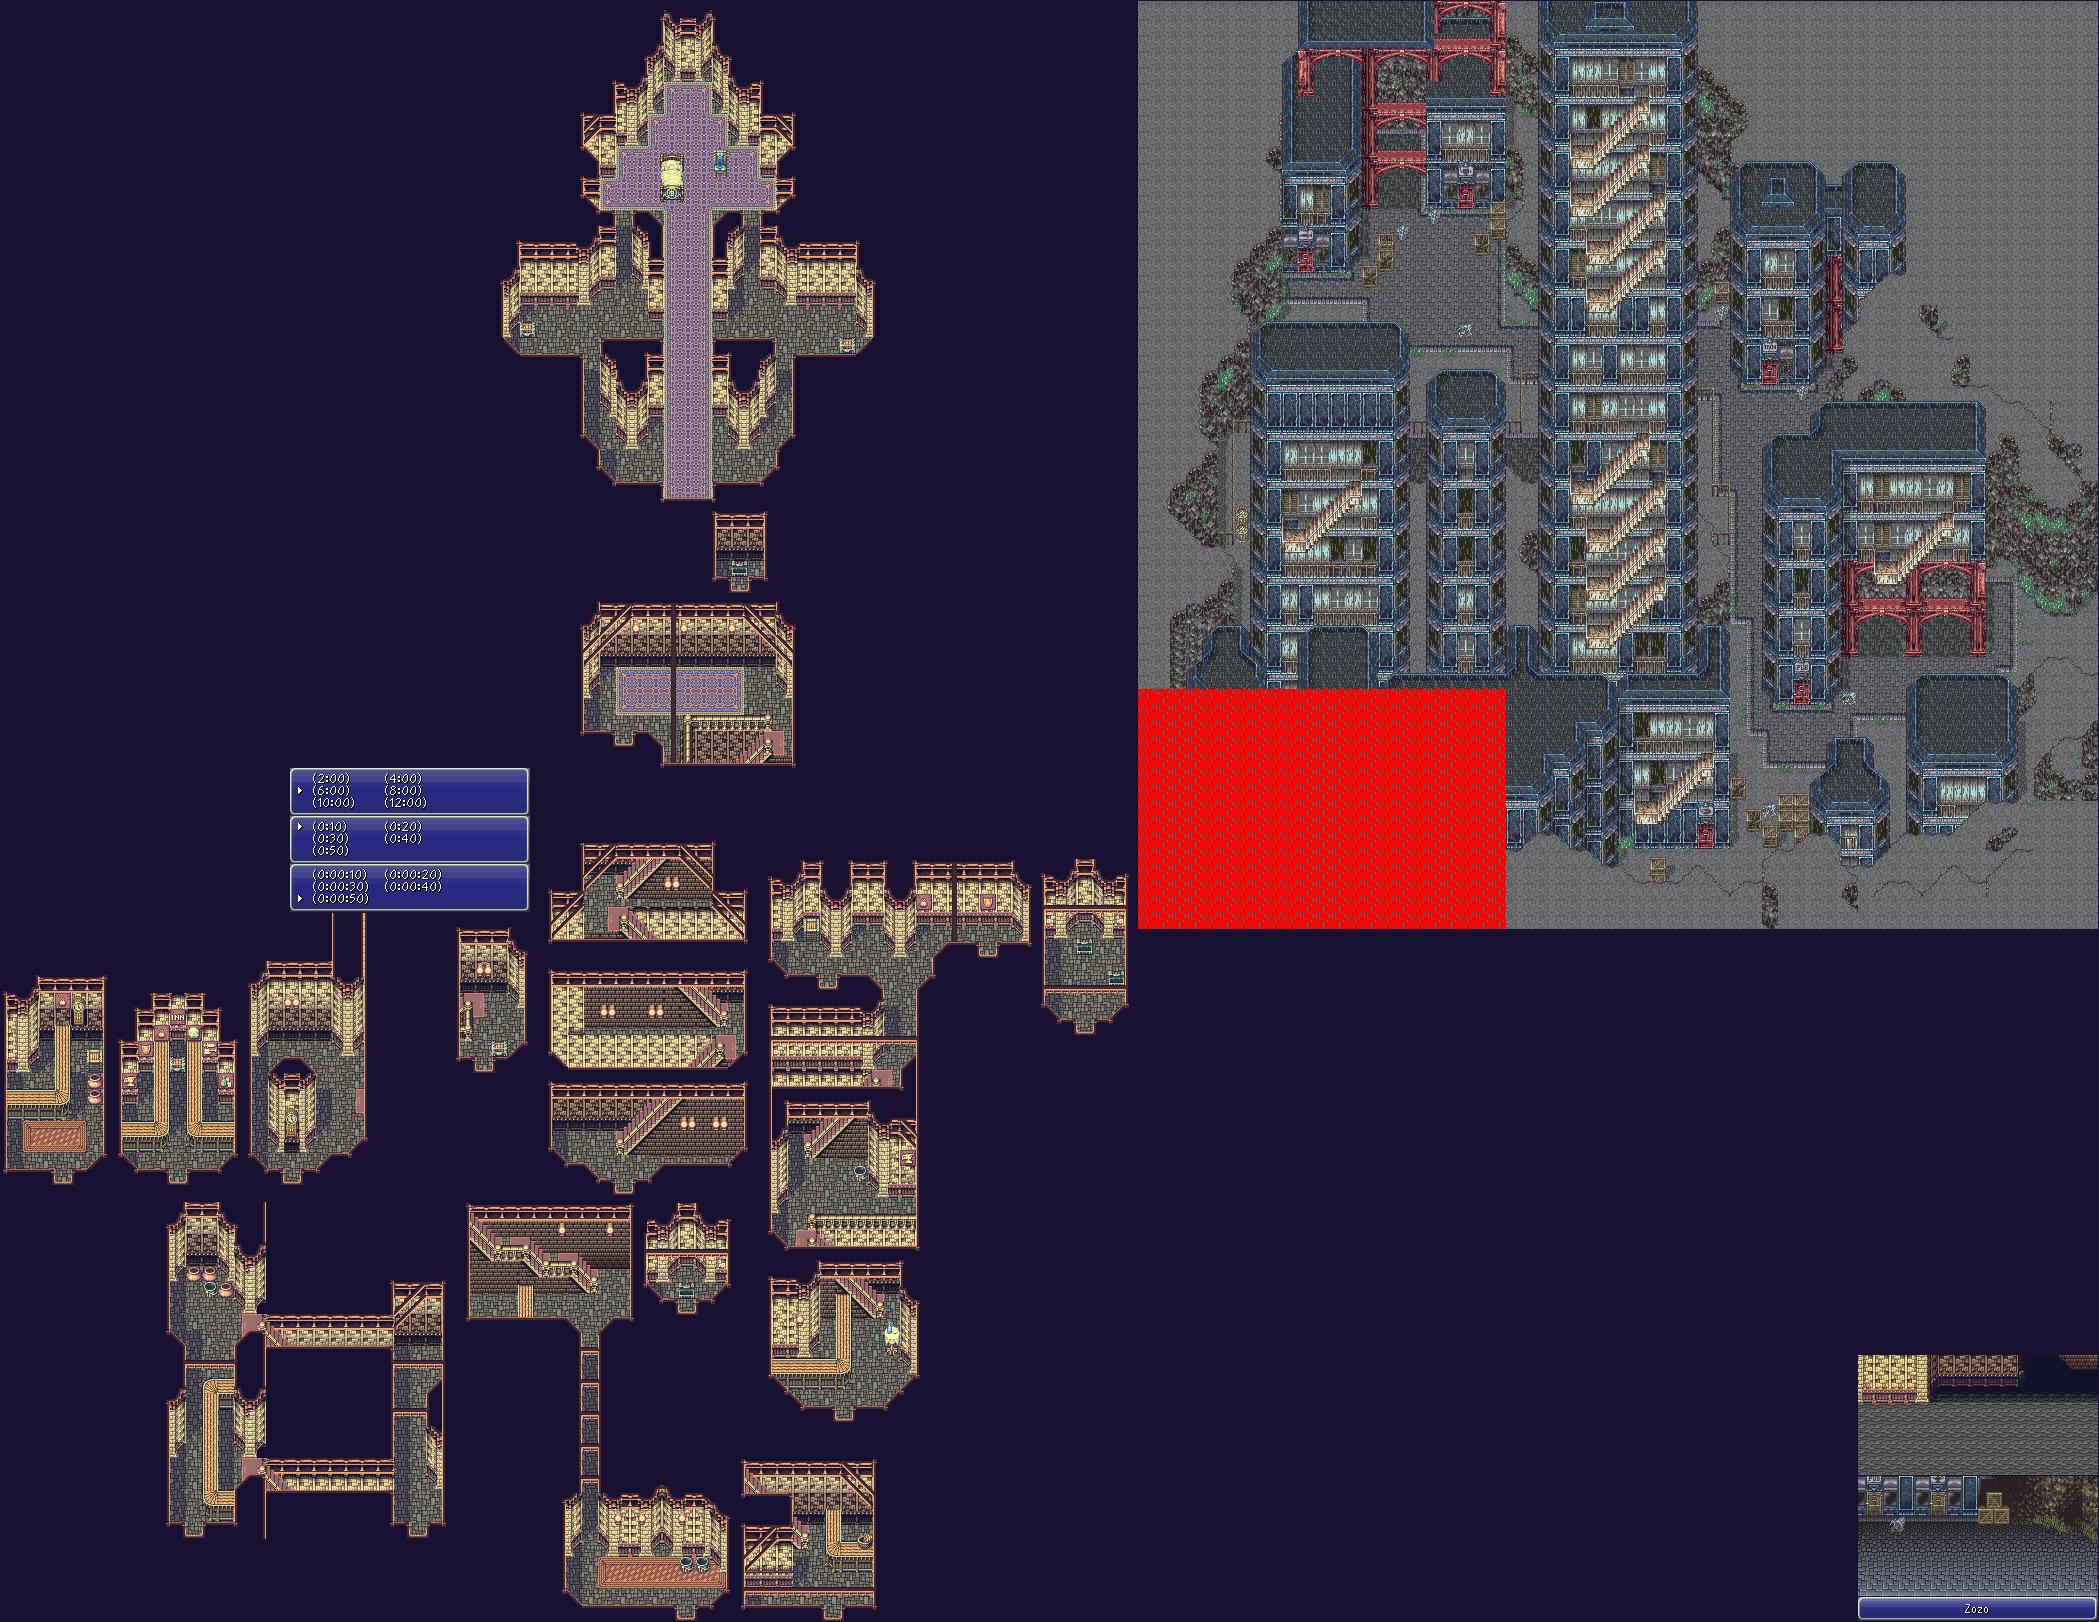 GBA] Final Fantasy VI Advance - Complete Guide - Spieleforum ...